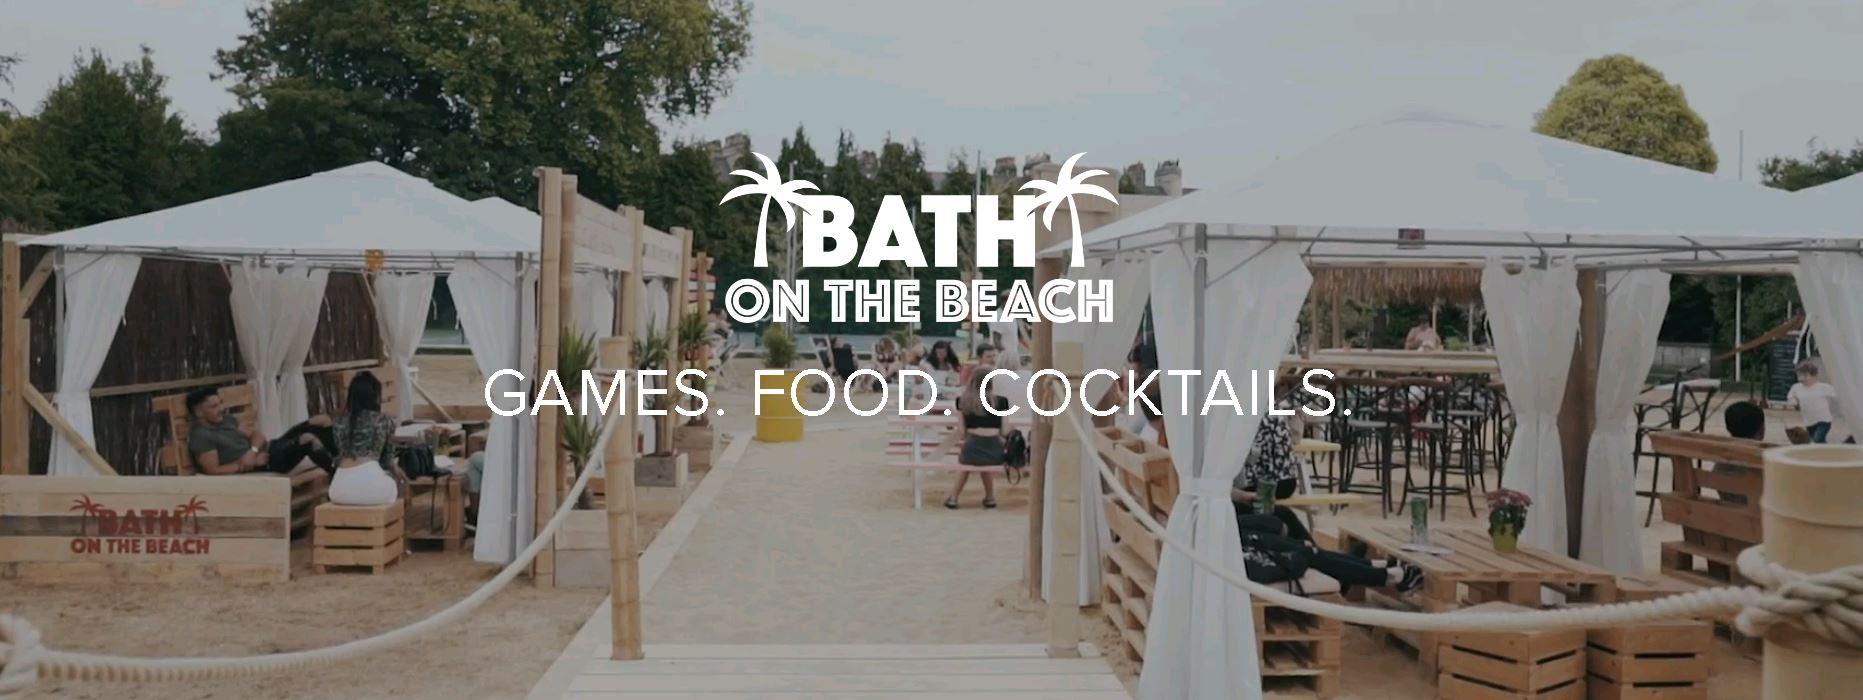 Bath on the beach.JPG